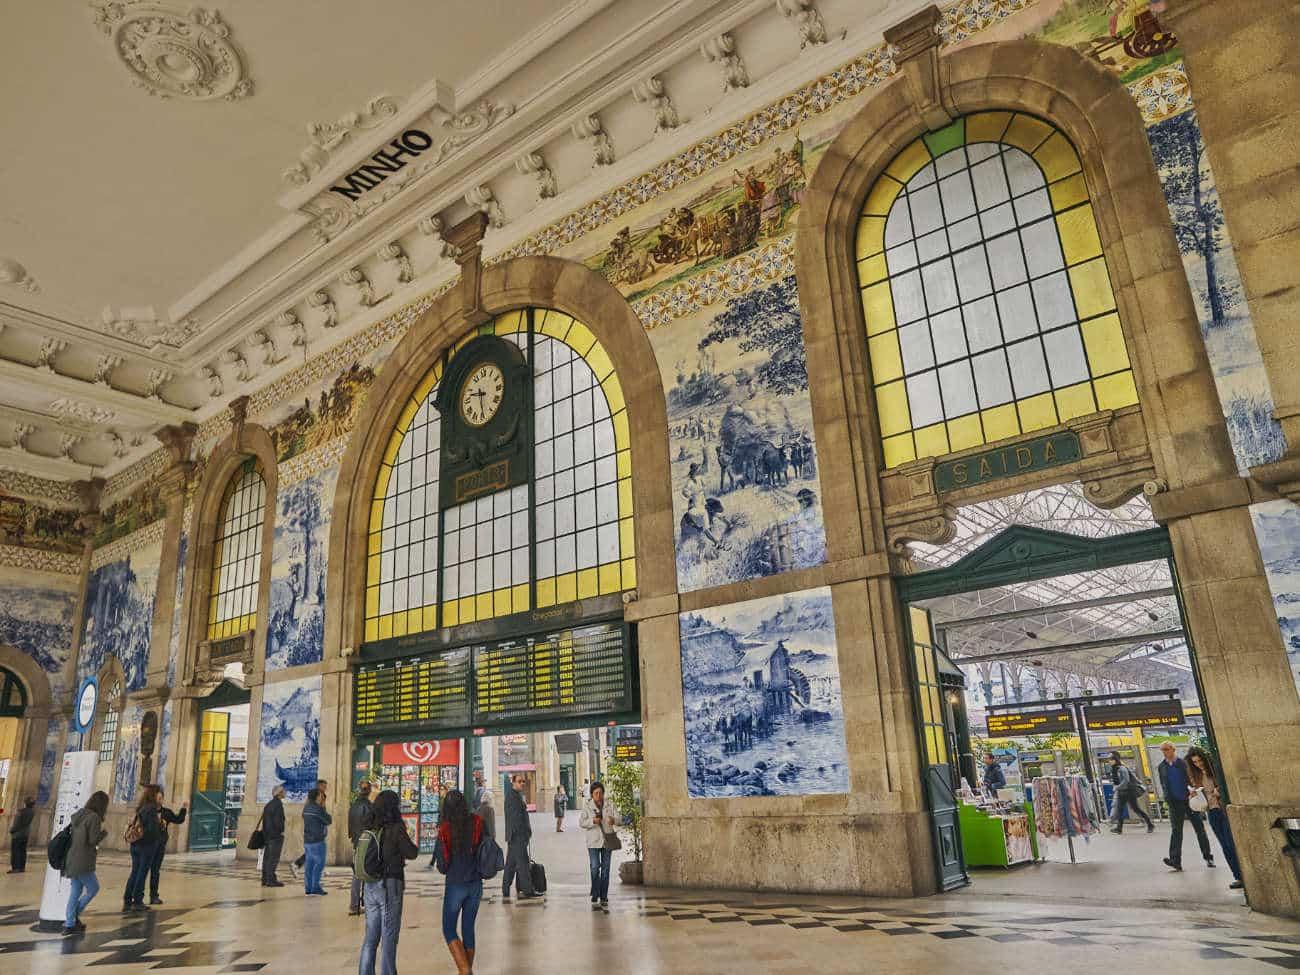 Estación de Trenes de San Bento Oporto